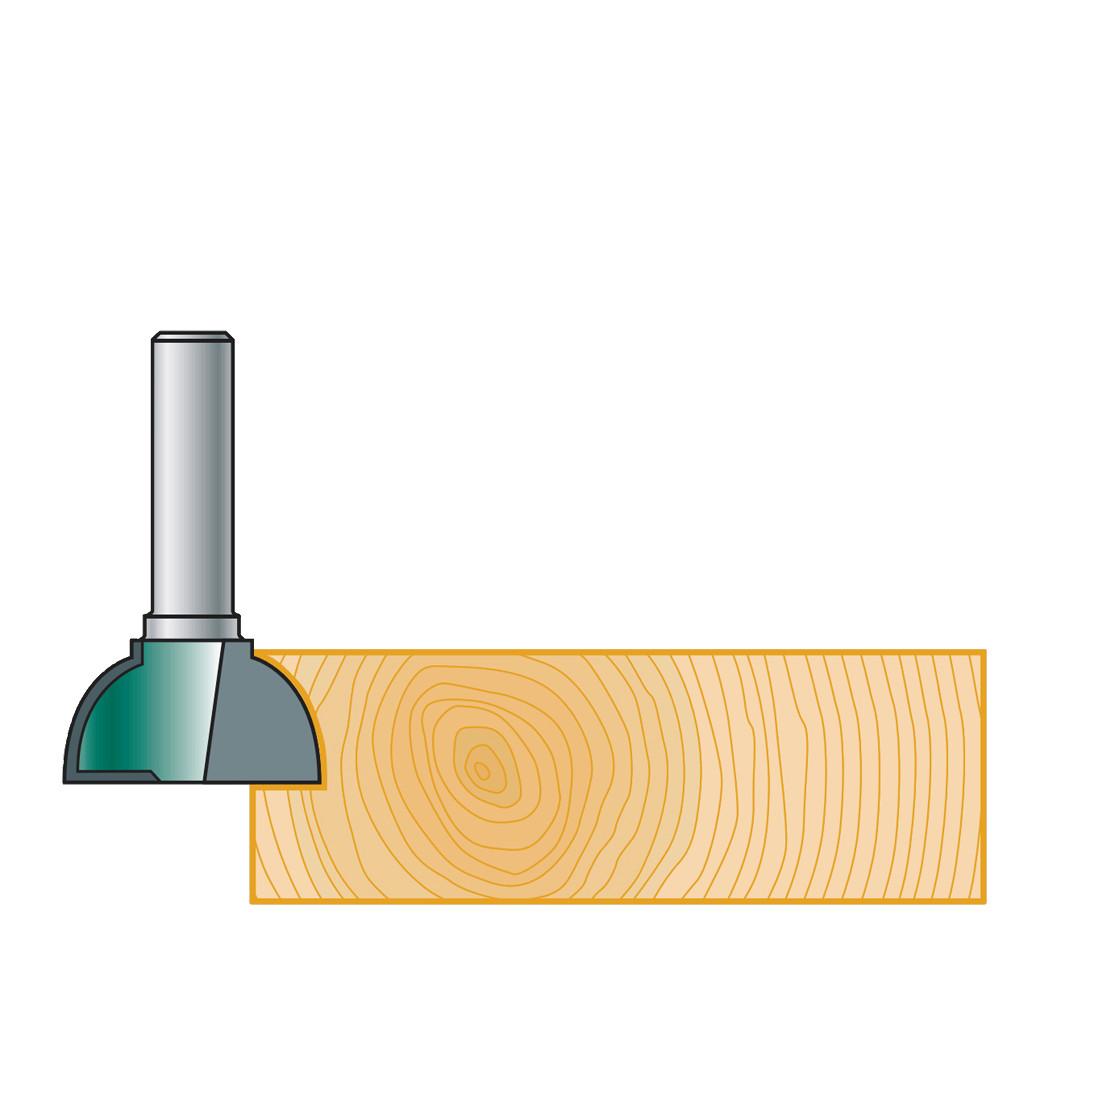 Фреза Stehle для ручек интегрированных в мебель, 25х10х49х8, z=2, R=10